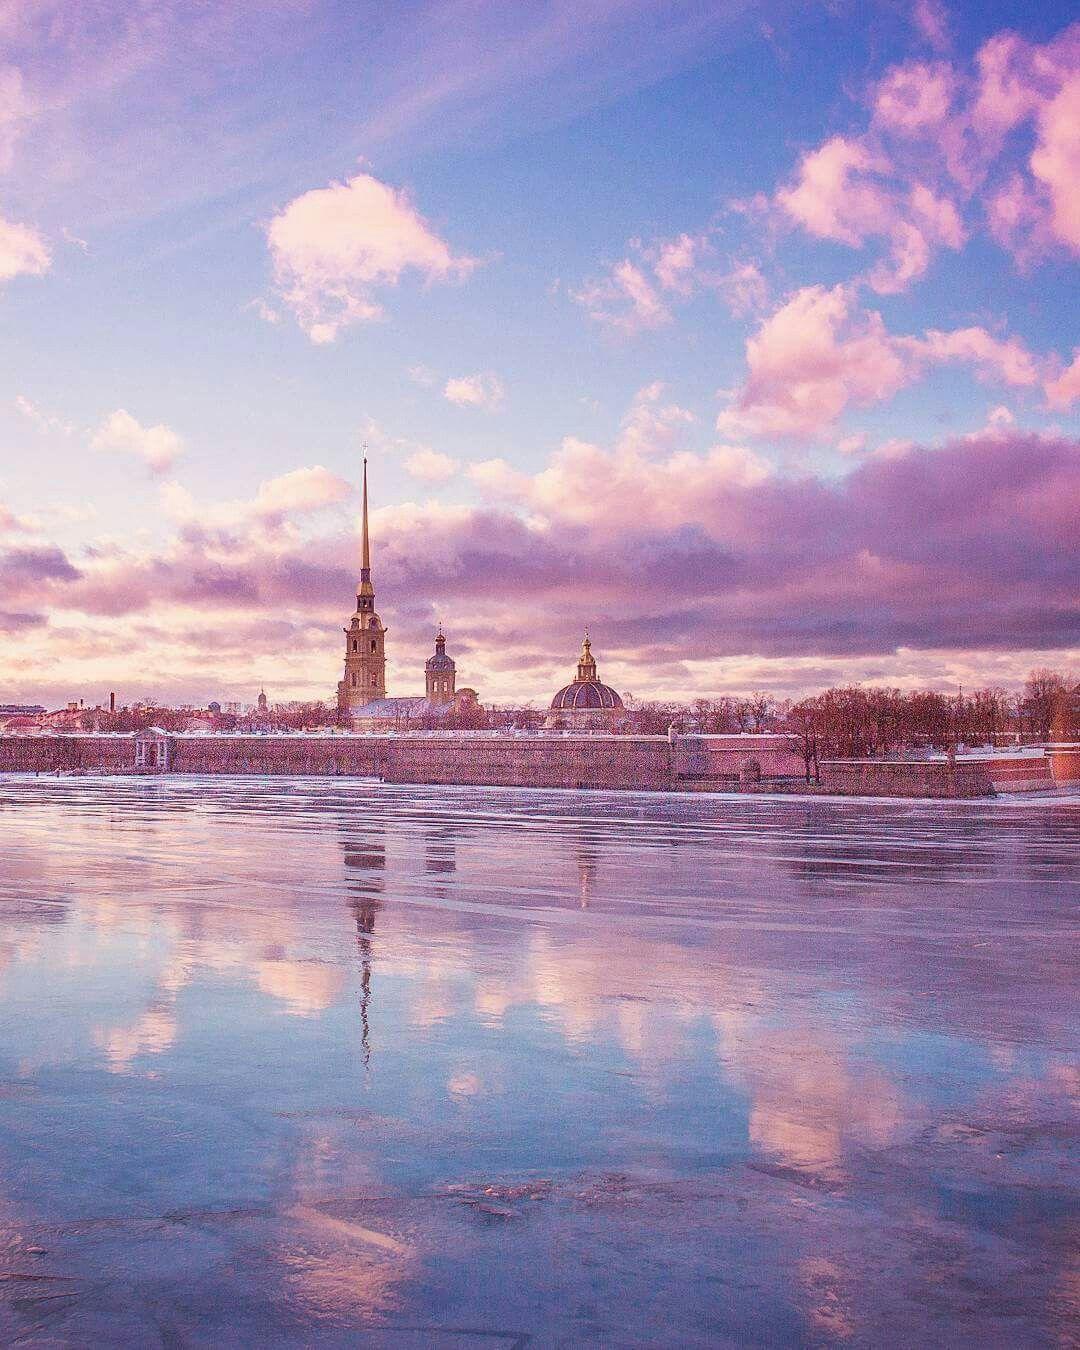 Peter and Paul Fortress Петропавловская крепость в